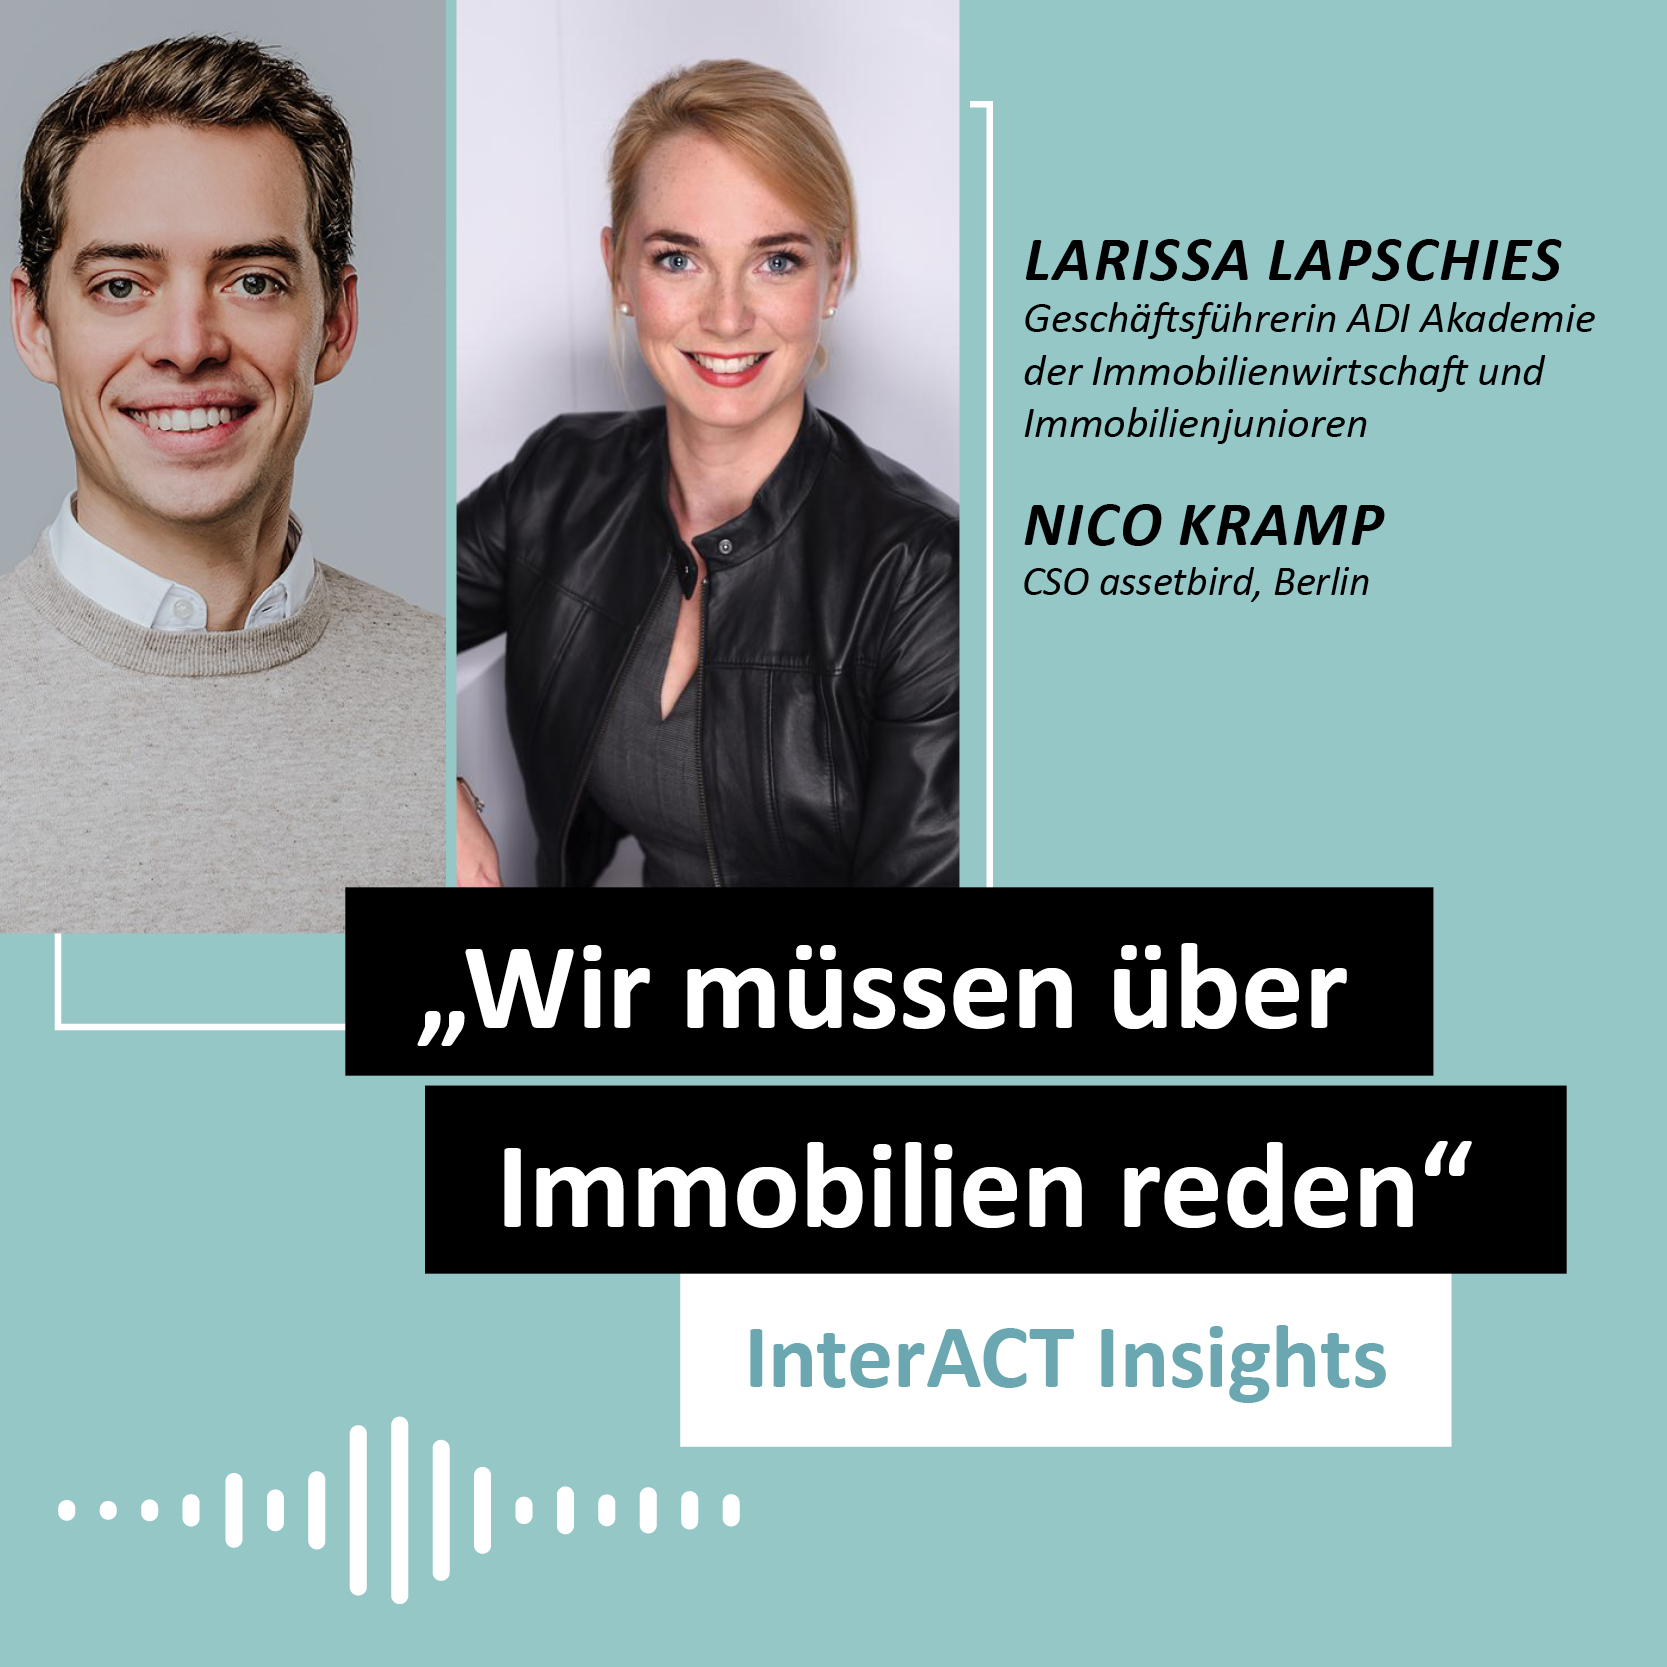 """Podcastfolge mit Larissa Lapschies und Nico Kramp - """"Wir müssen über Immobilien reden"""" - InterACT Insights"""